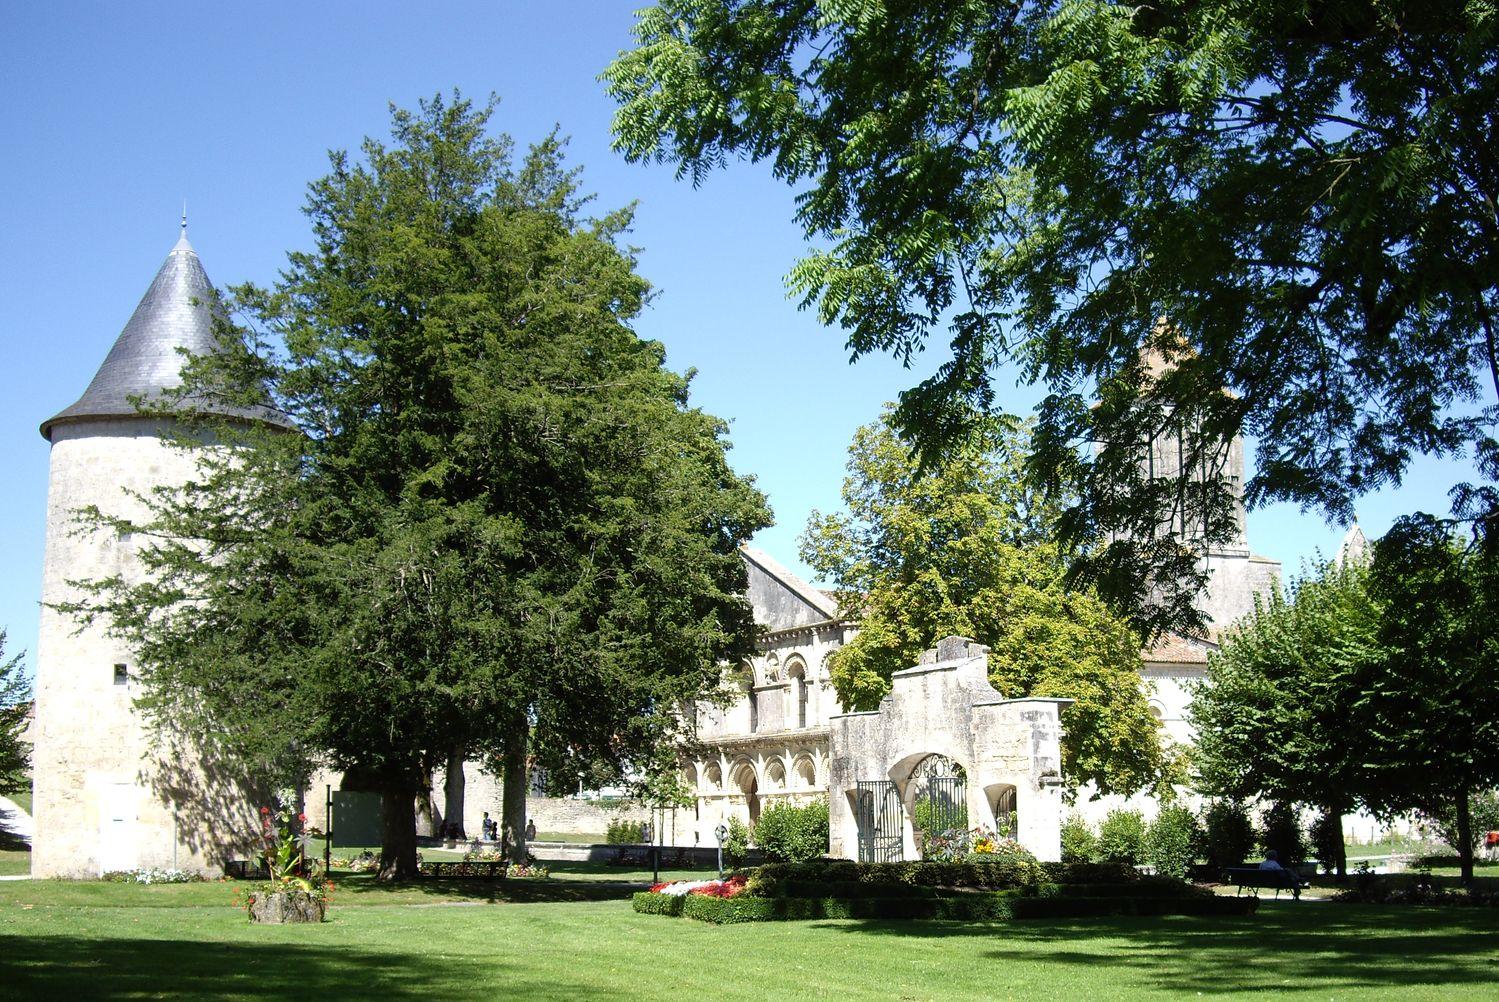 Surgères Tour Hélène et parc juil 08.JPG